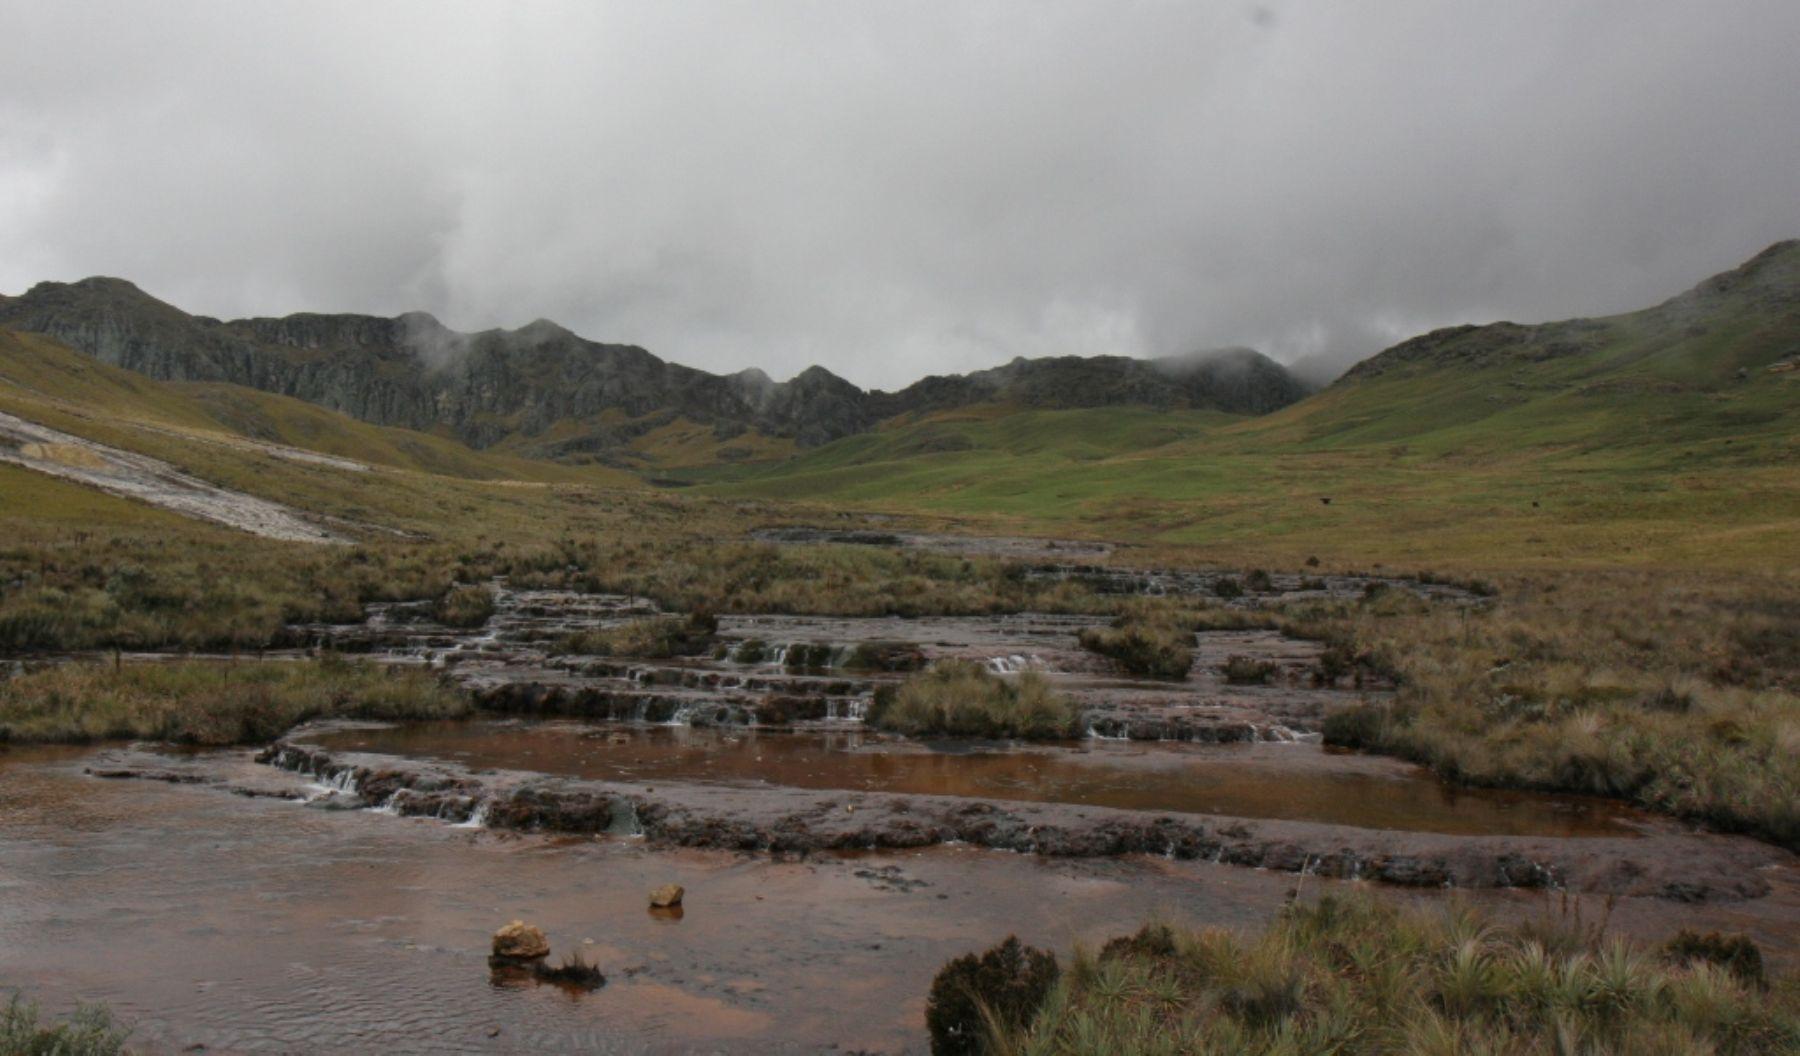 El centro de capacitación formará a especialistas para remediar los pasivos ambientales mineros.